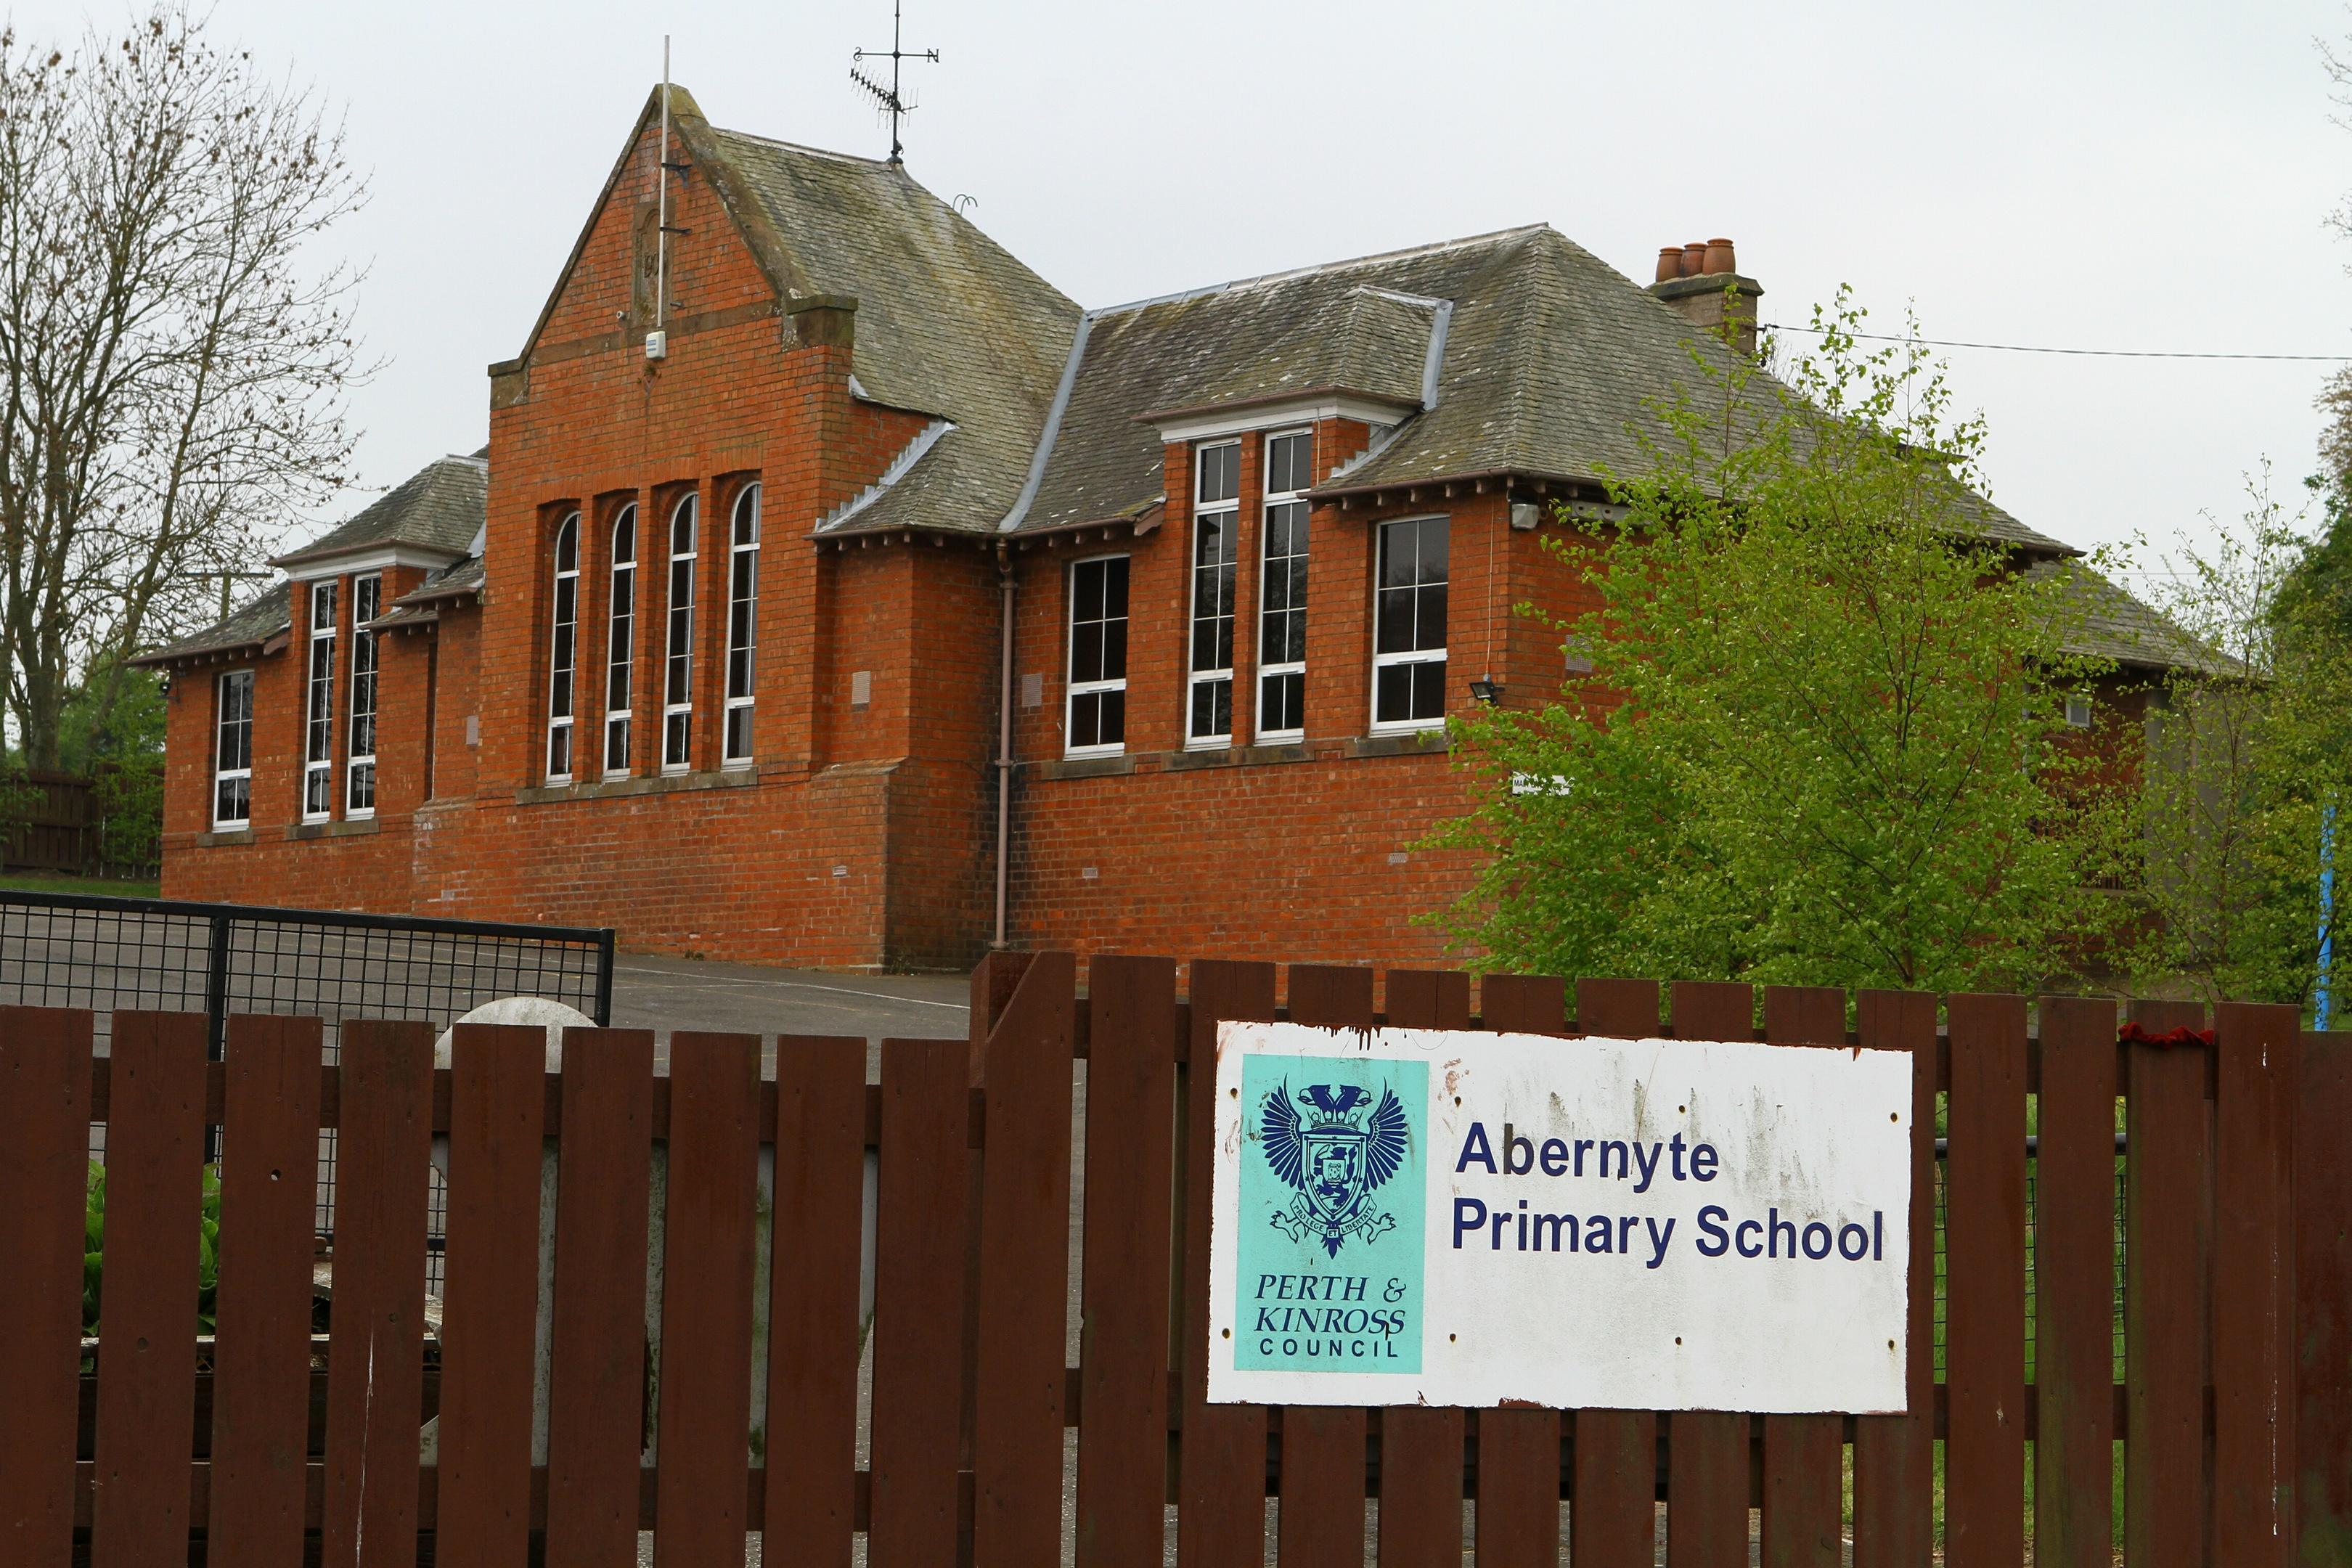 Abernyte Primary School